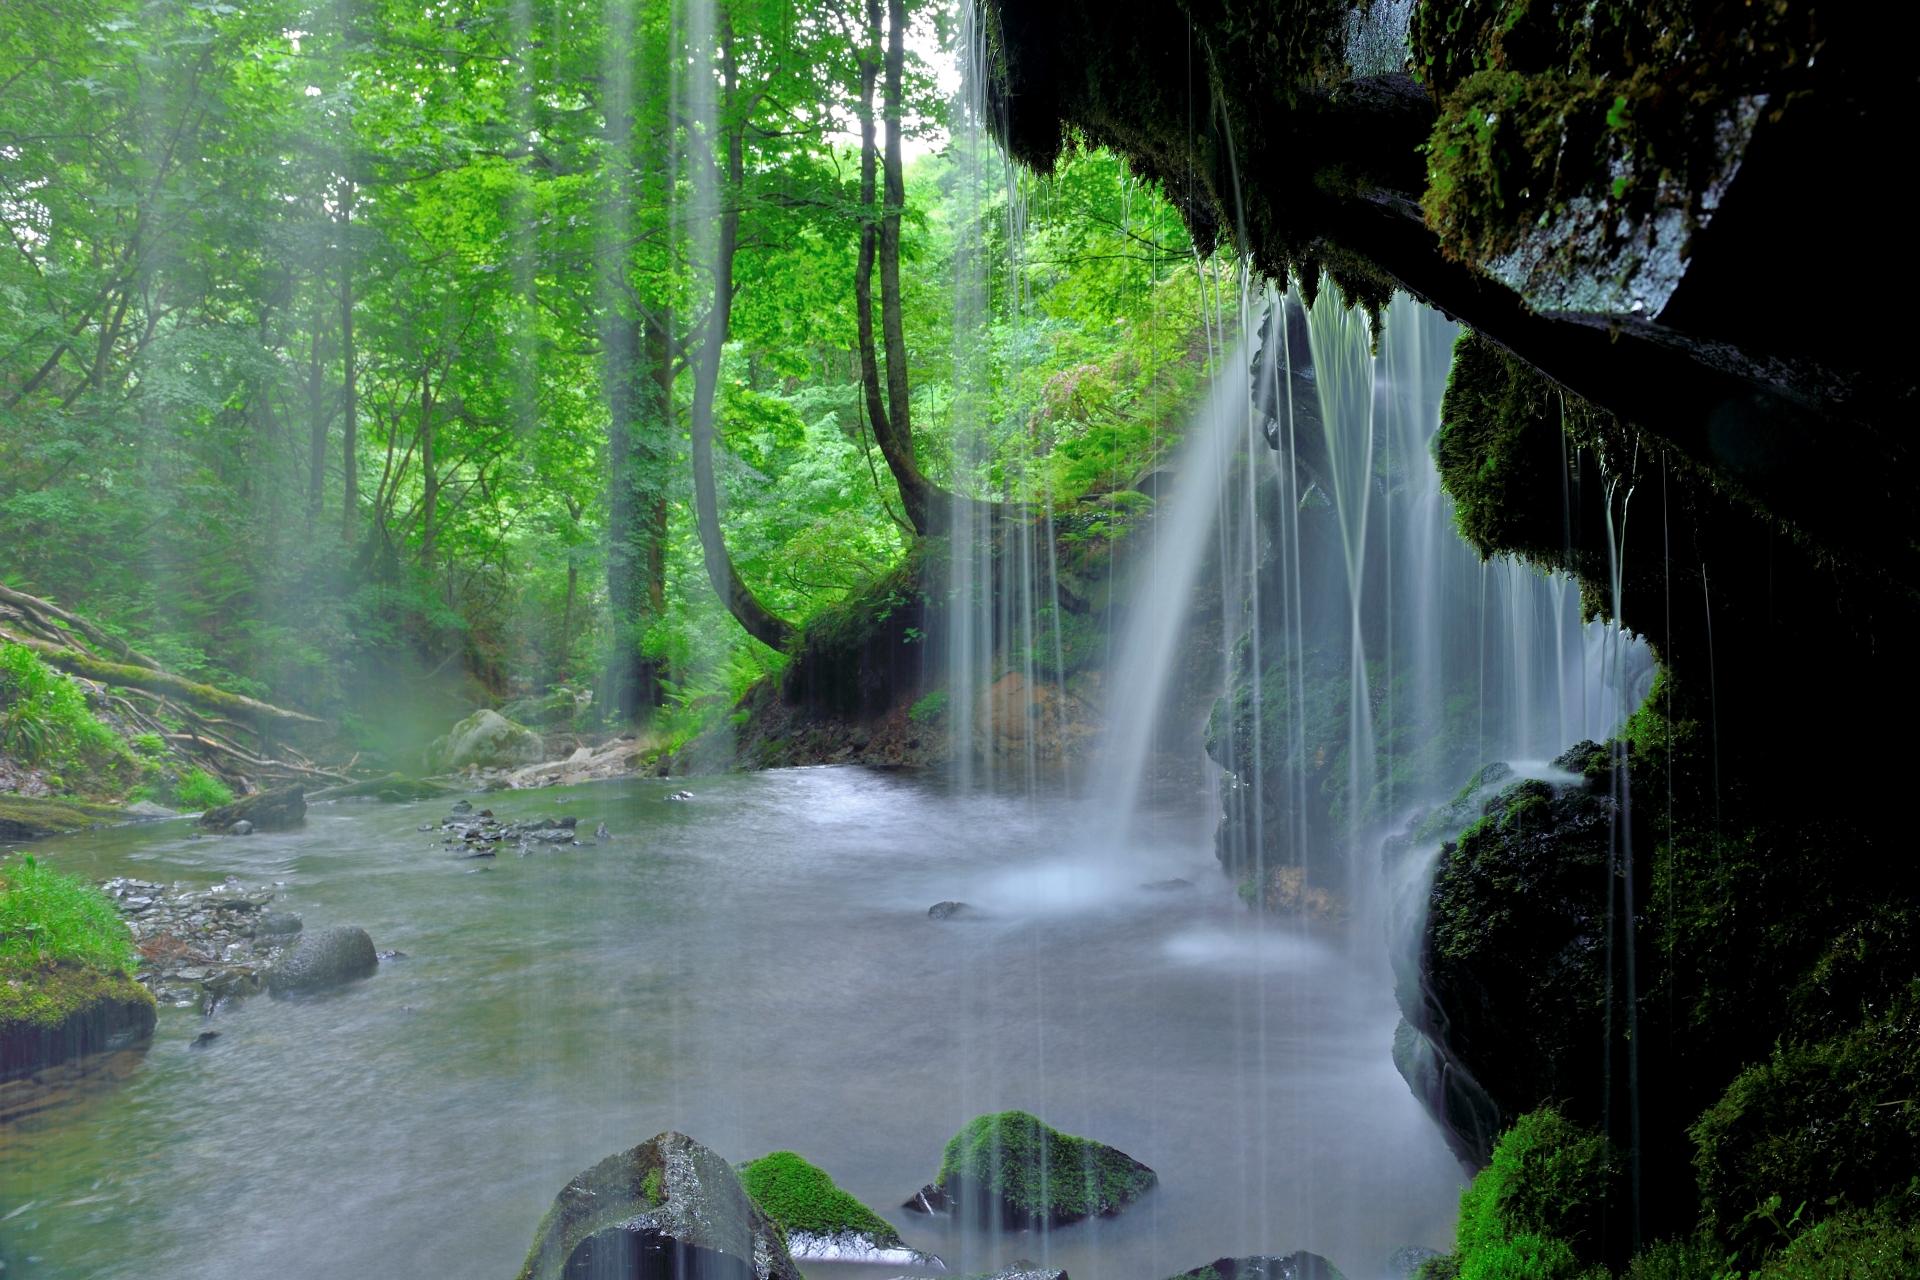 4099055_m 兵庫県 猿壺の滝(新緑の時期におすすめの秘境滝スポット!写真の紹介、アクセス情報など)